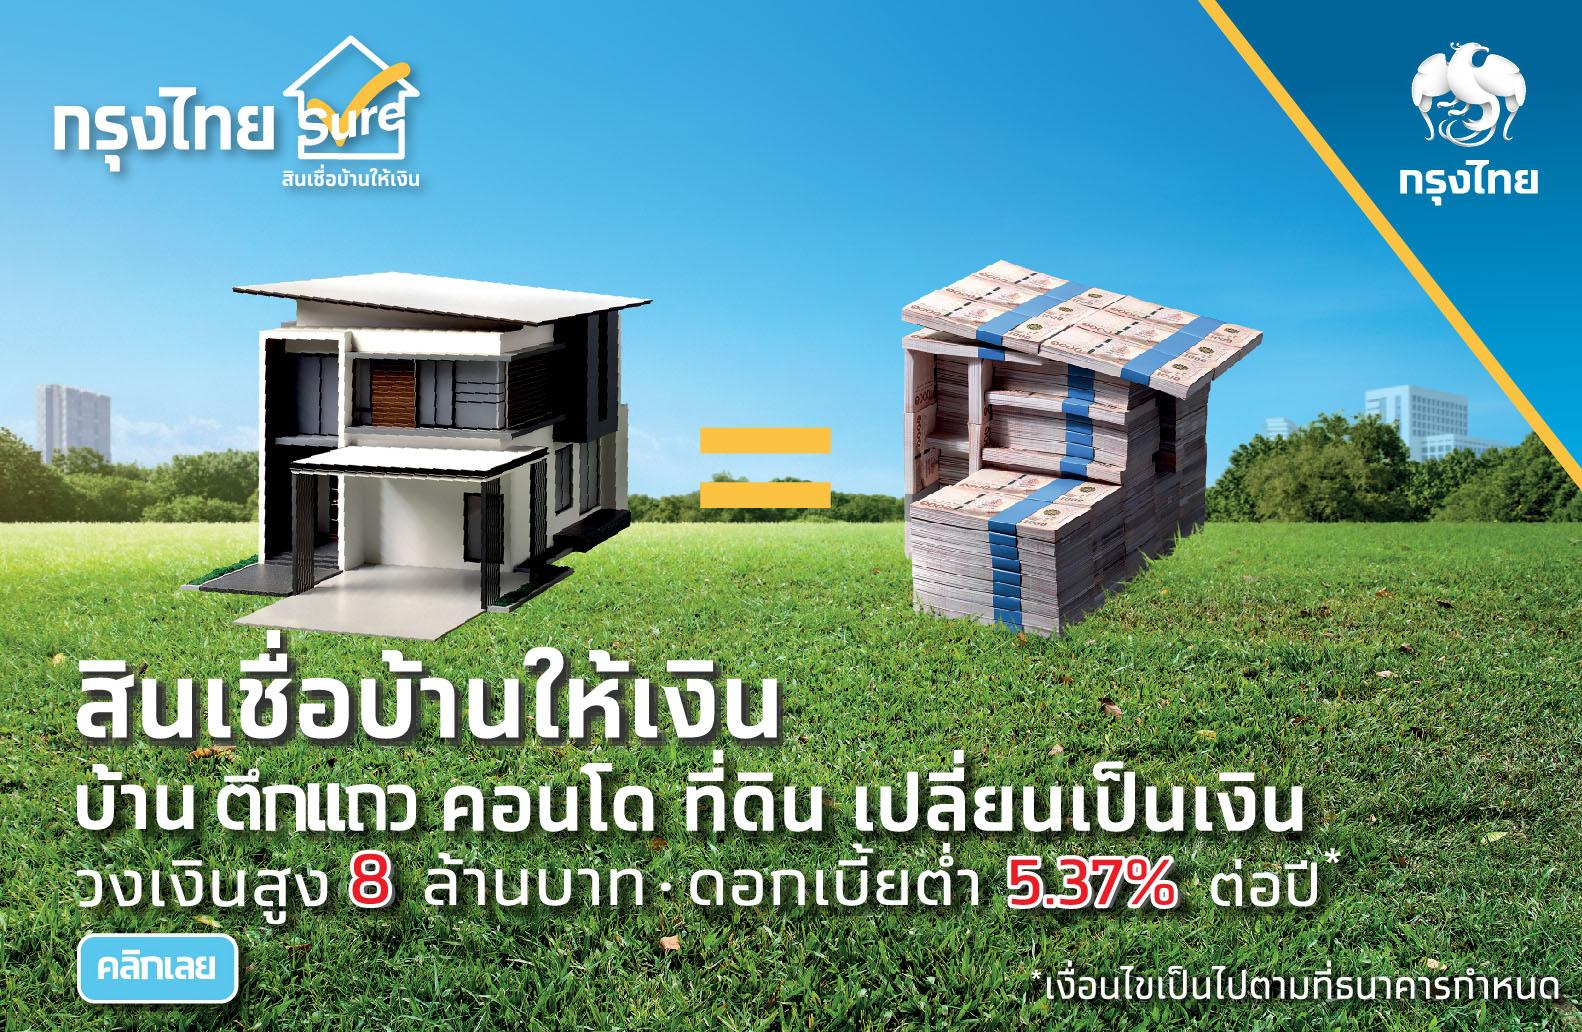 สินเชื่อธนาคารกรุงไทย